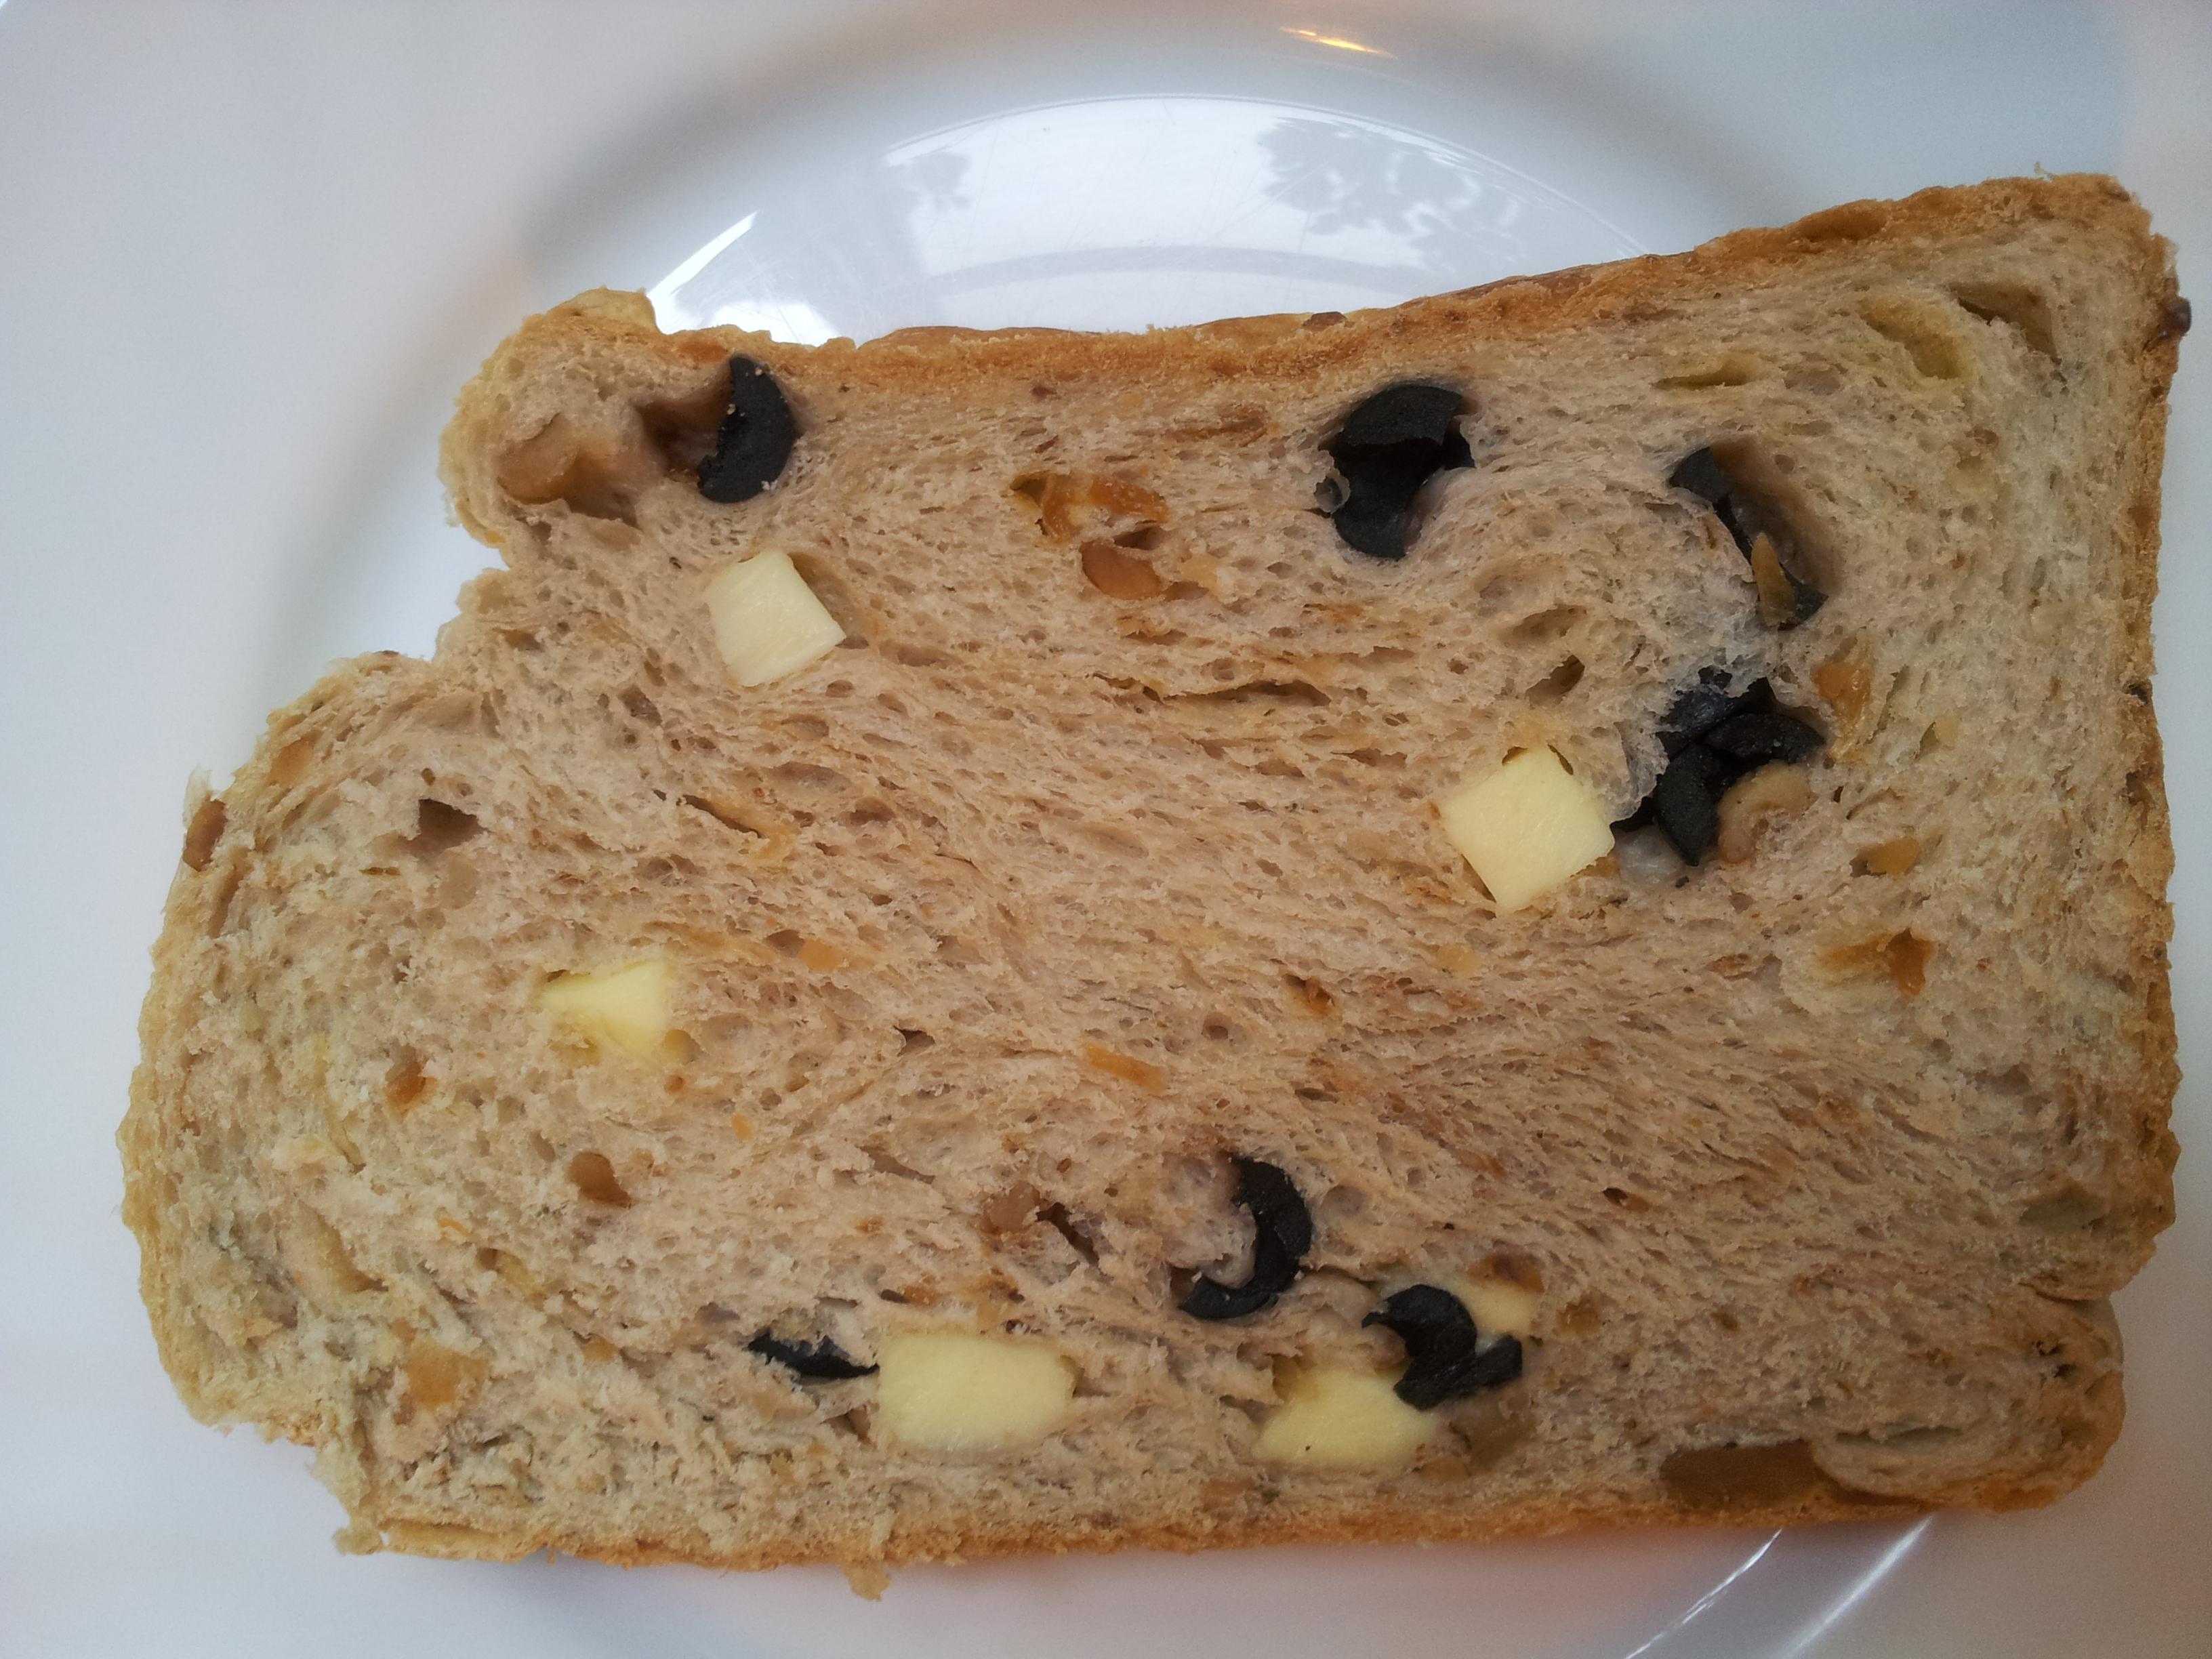 湯種義大利香草橄欖乳酪吐司『Panasonic製麵包機』